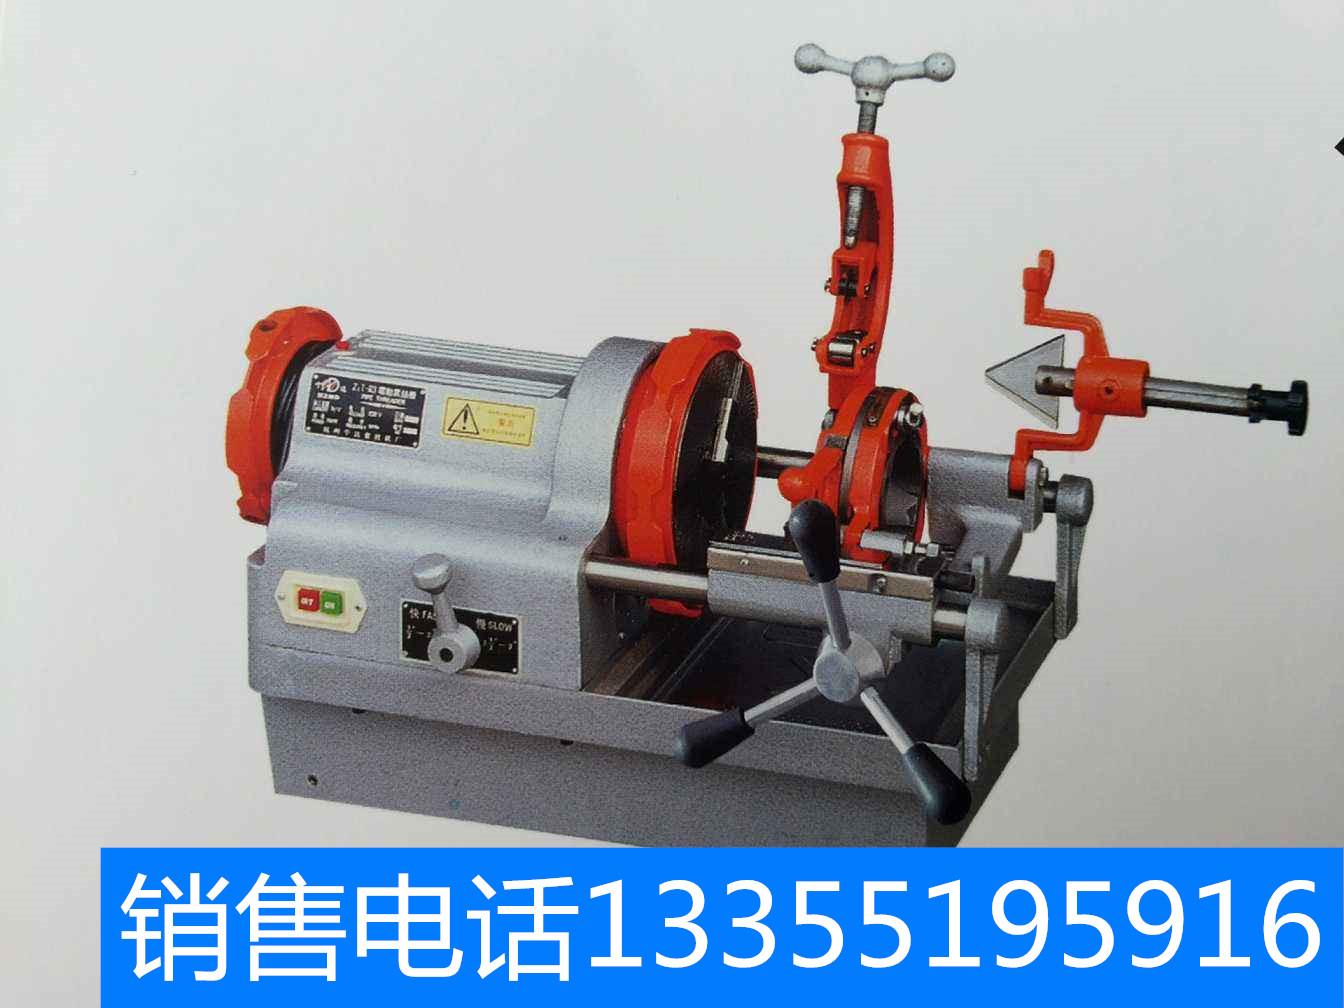 Z1T-R2电动套丝机建筑管道套丝 台式套丝机价位